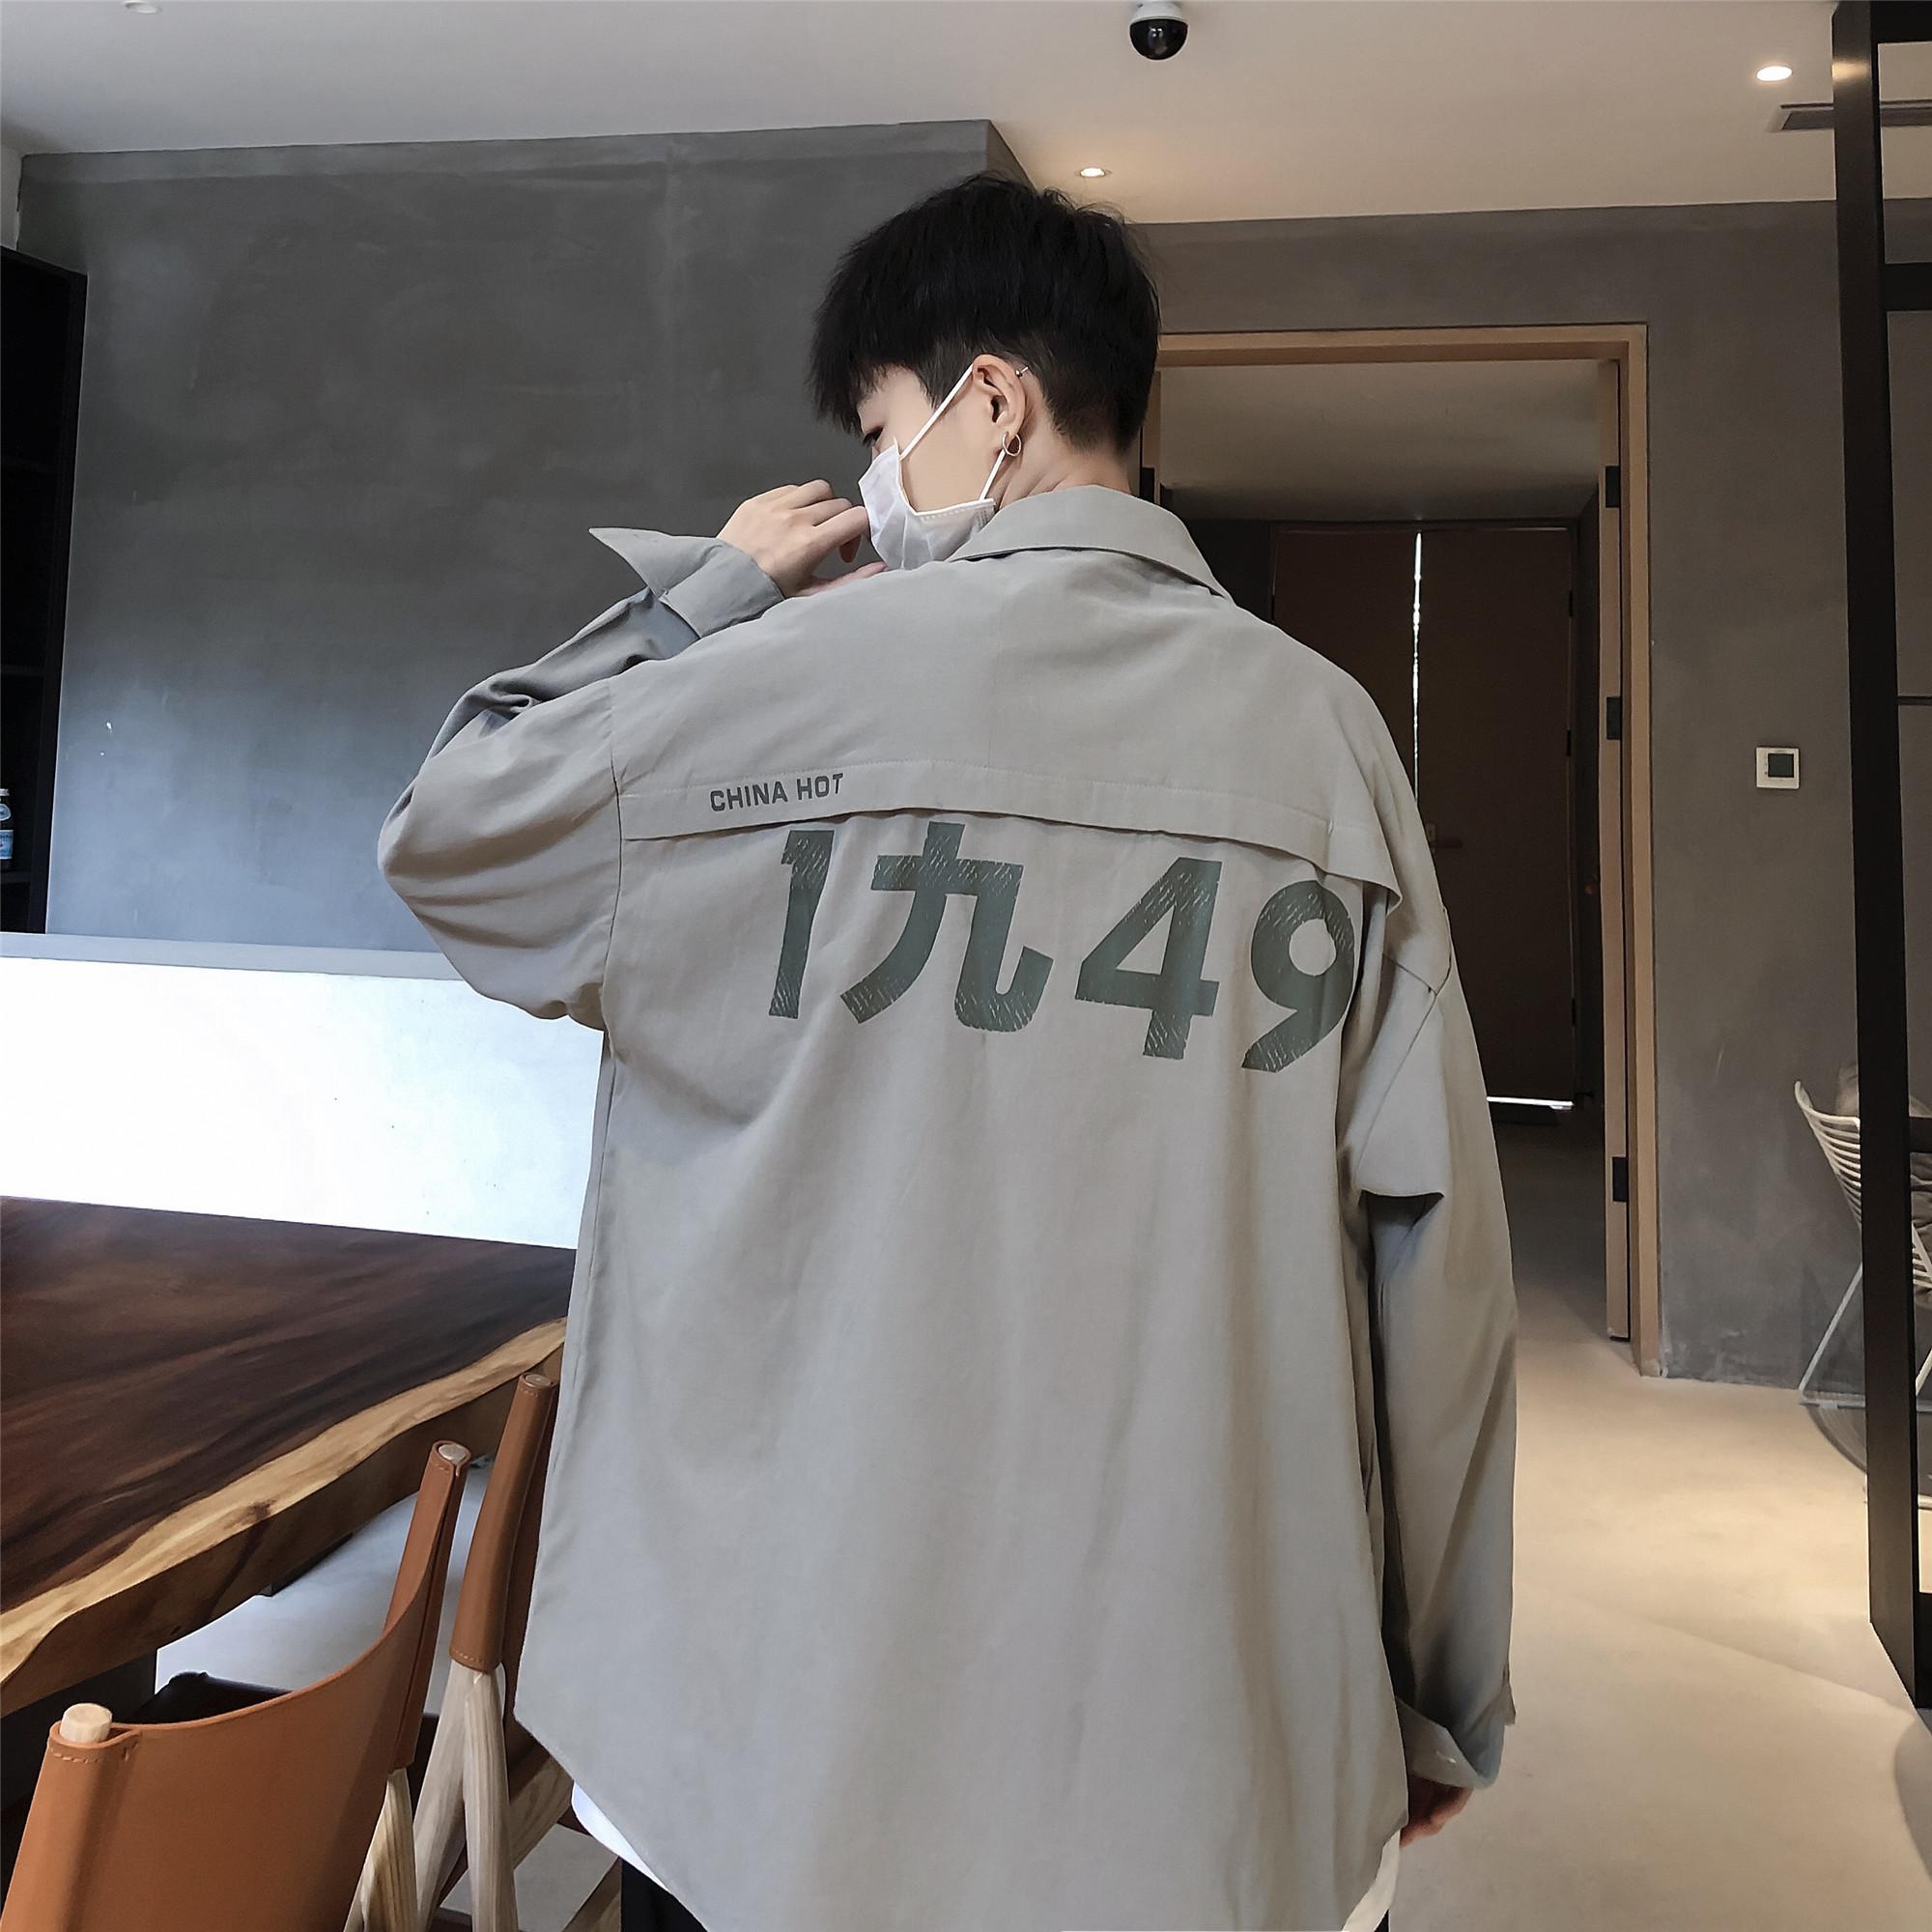 秋长袖衬衫男士韩版潮流帅气学生百搭宽松衬衣chic港味 C303/P60